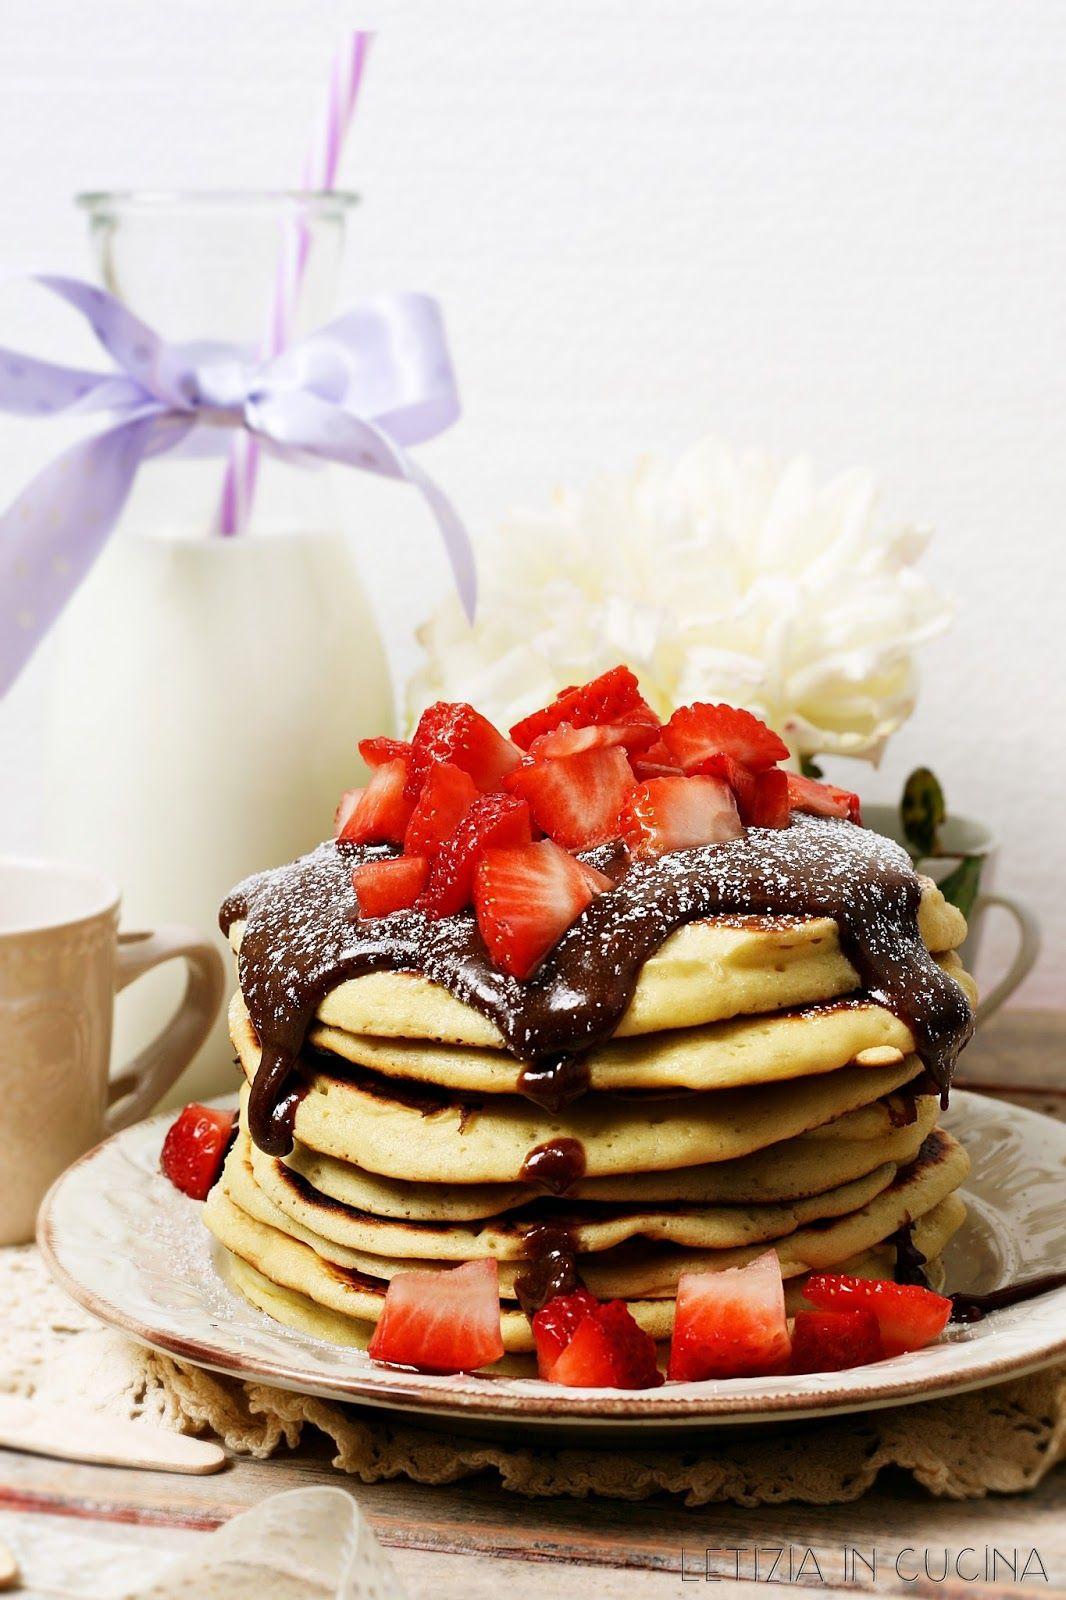 Letizia in Cucina: Pancakes con crema alla nocciola e fragole ...